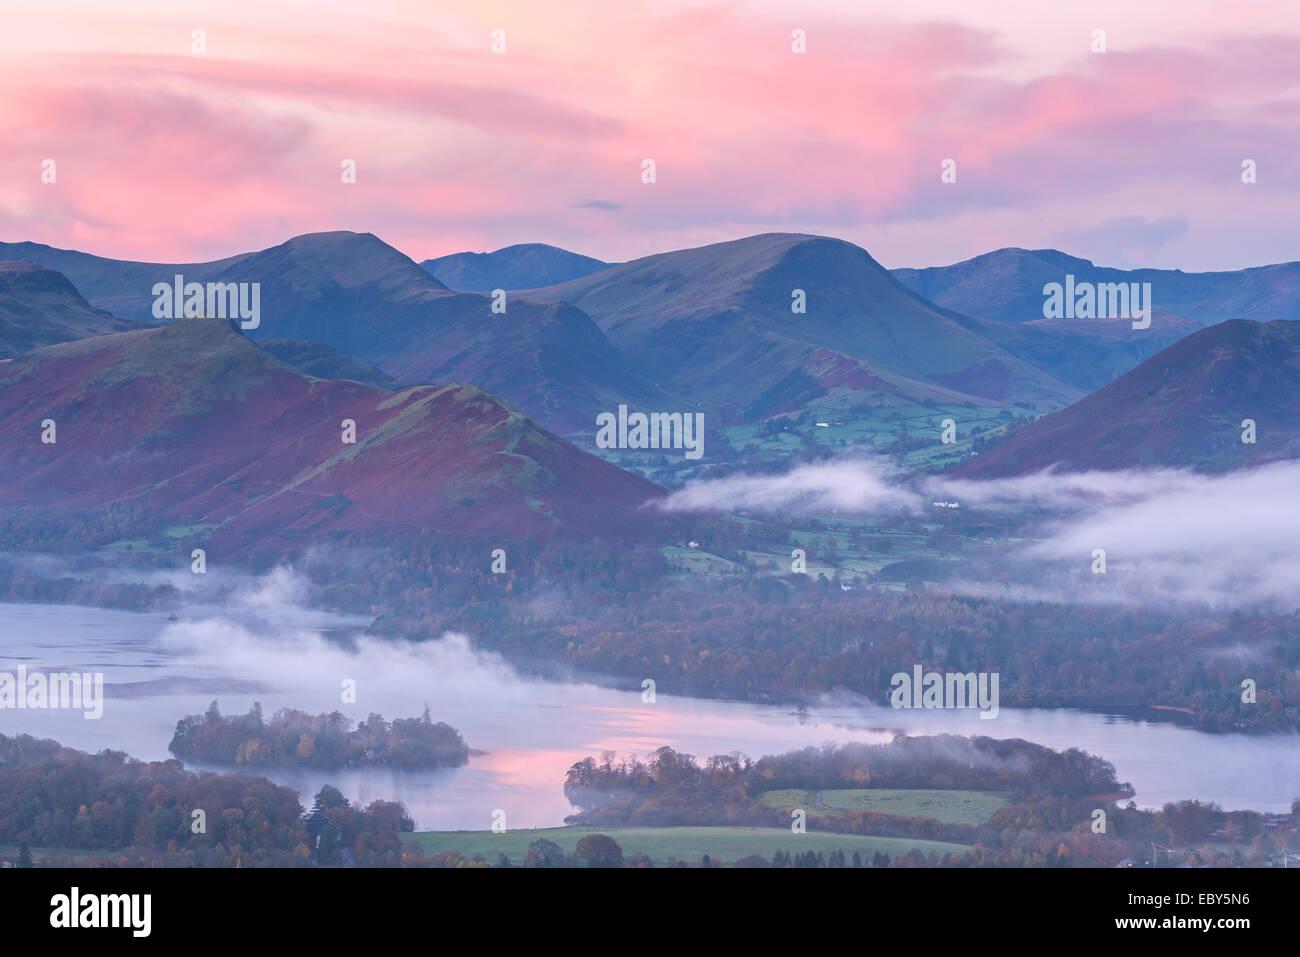 Misty amanecer sobre el agua y el Derwent Newlands Valley, Lake District, Cumbria, Inglaterra. Otoño (noviembre Imagen De Stock